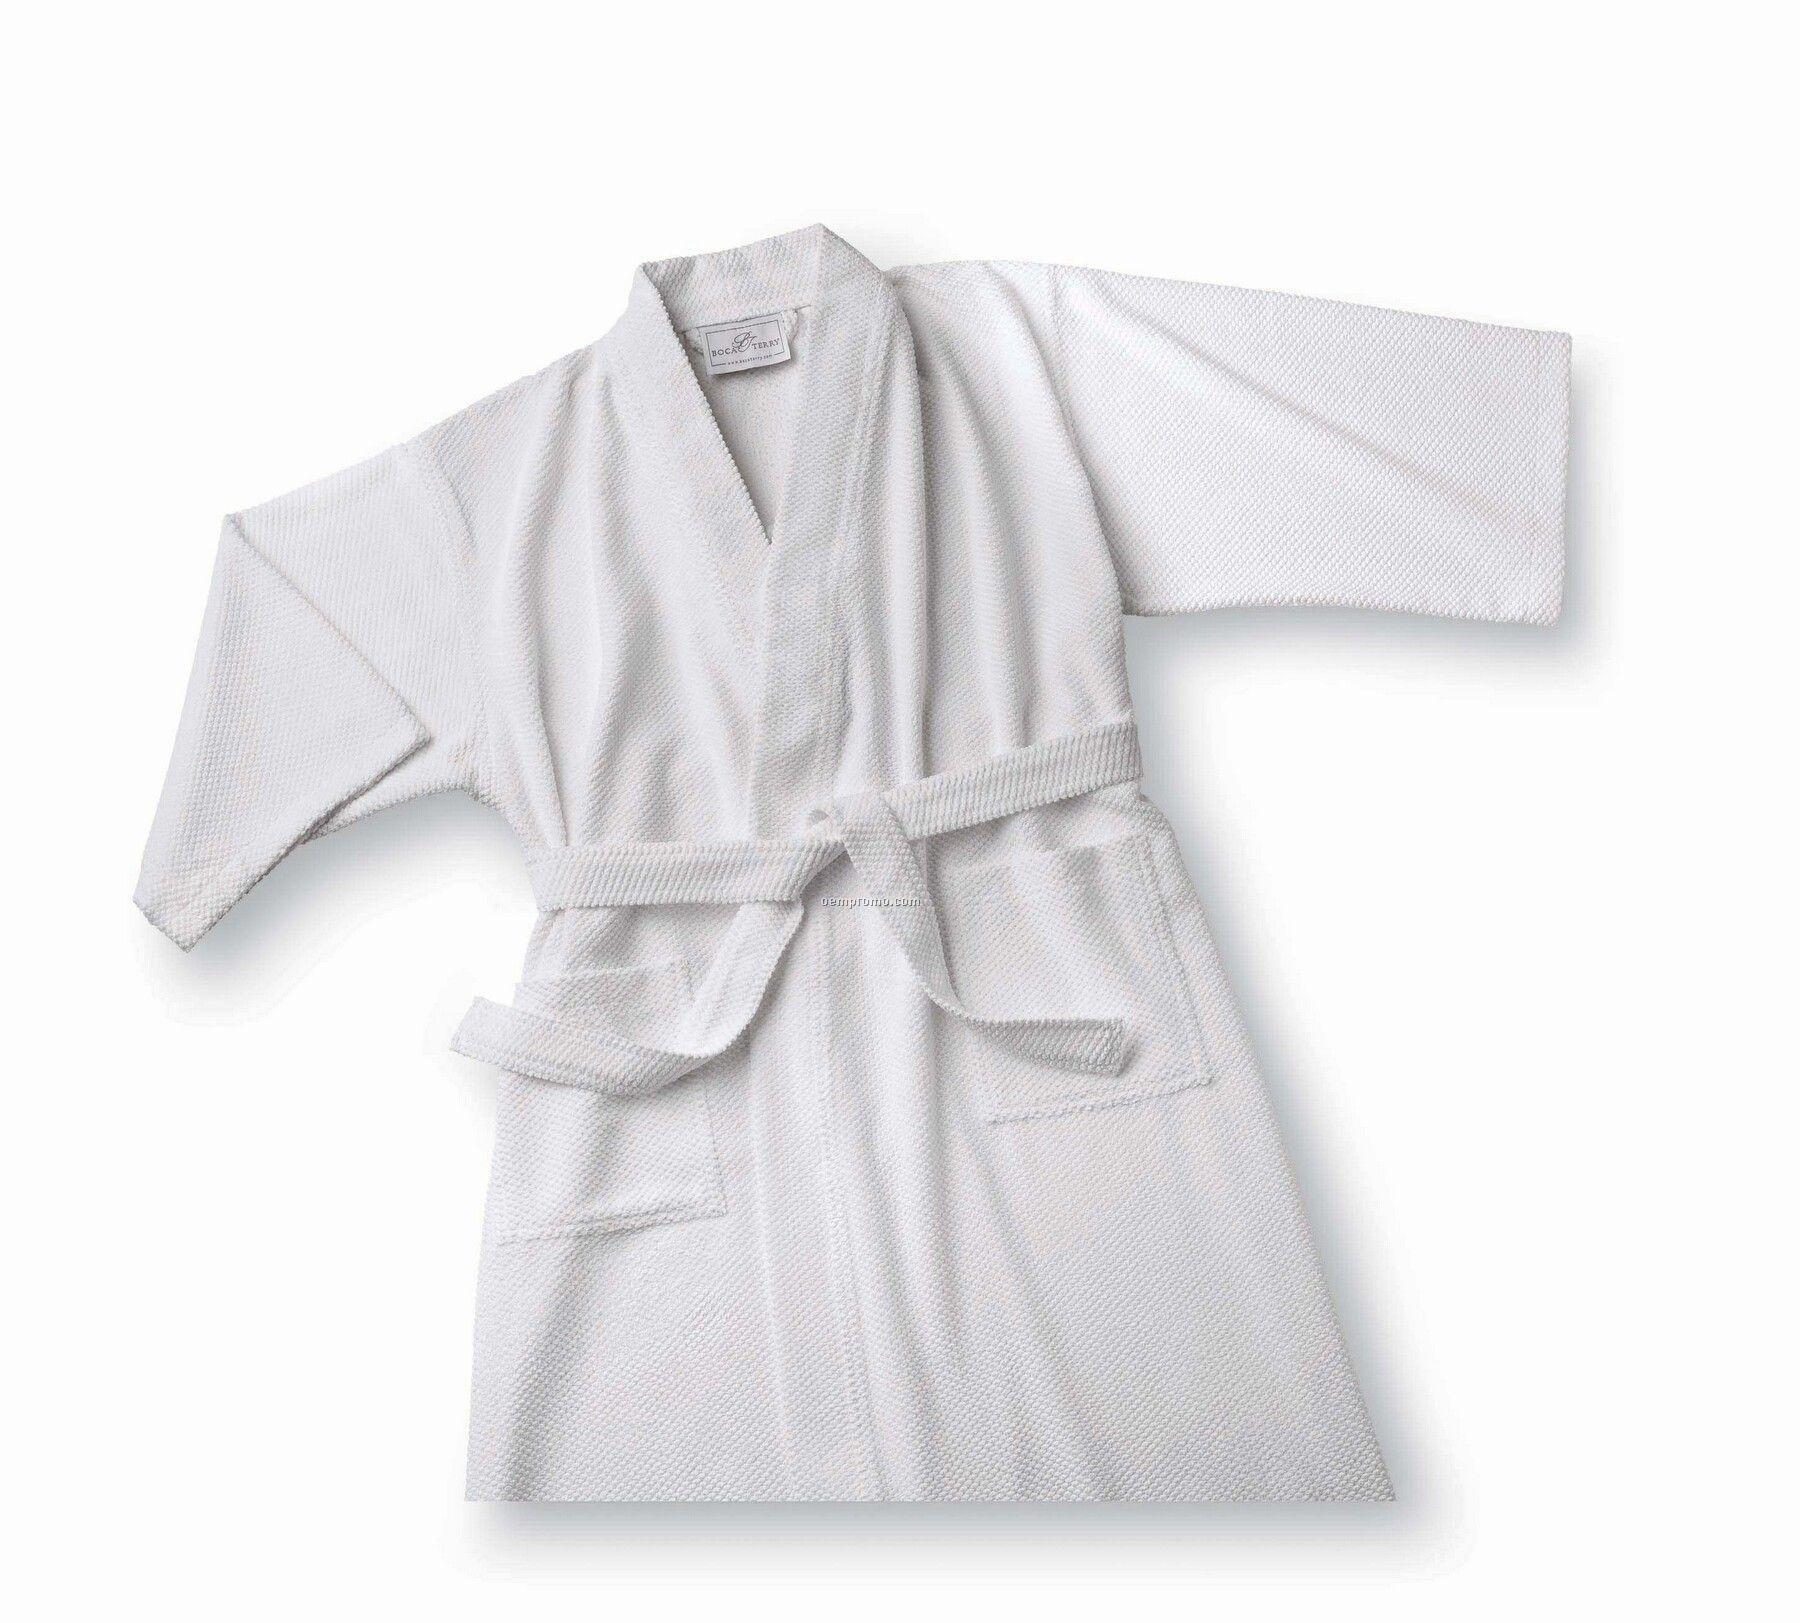 Microtec Kimono Collar Mini Check